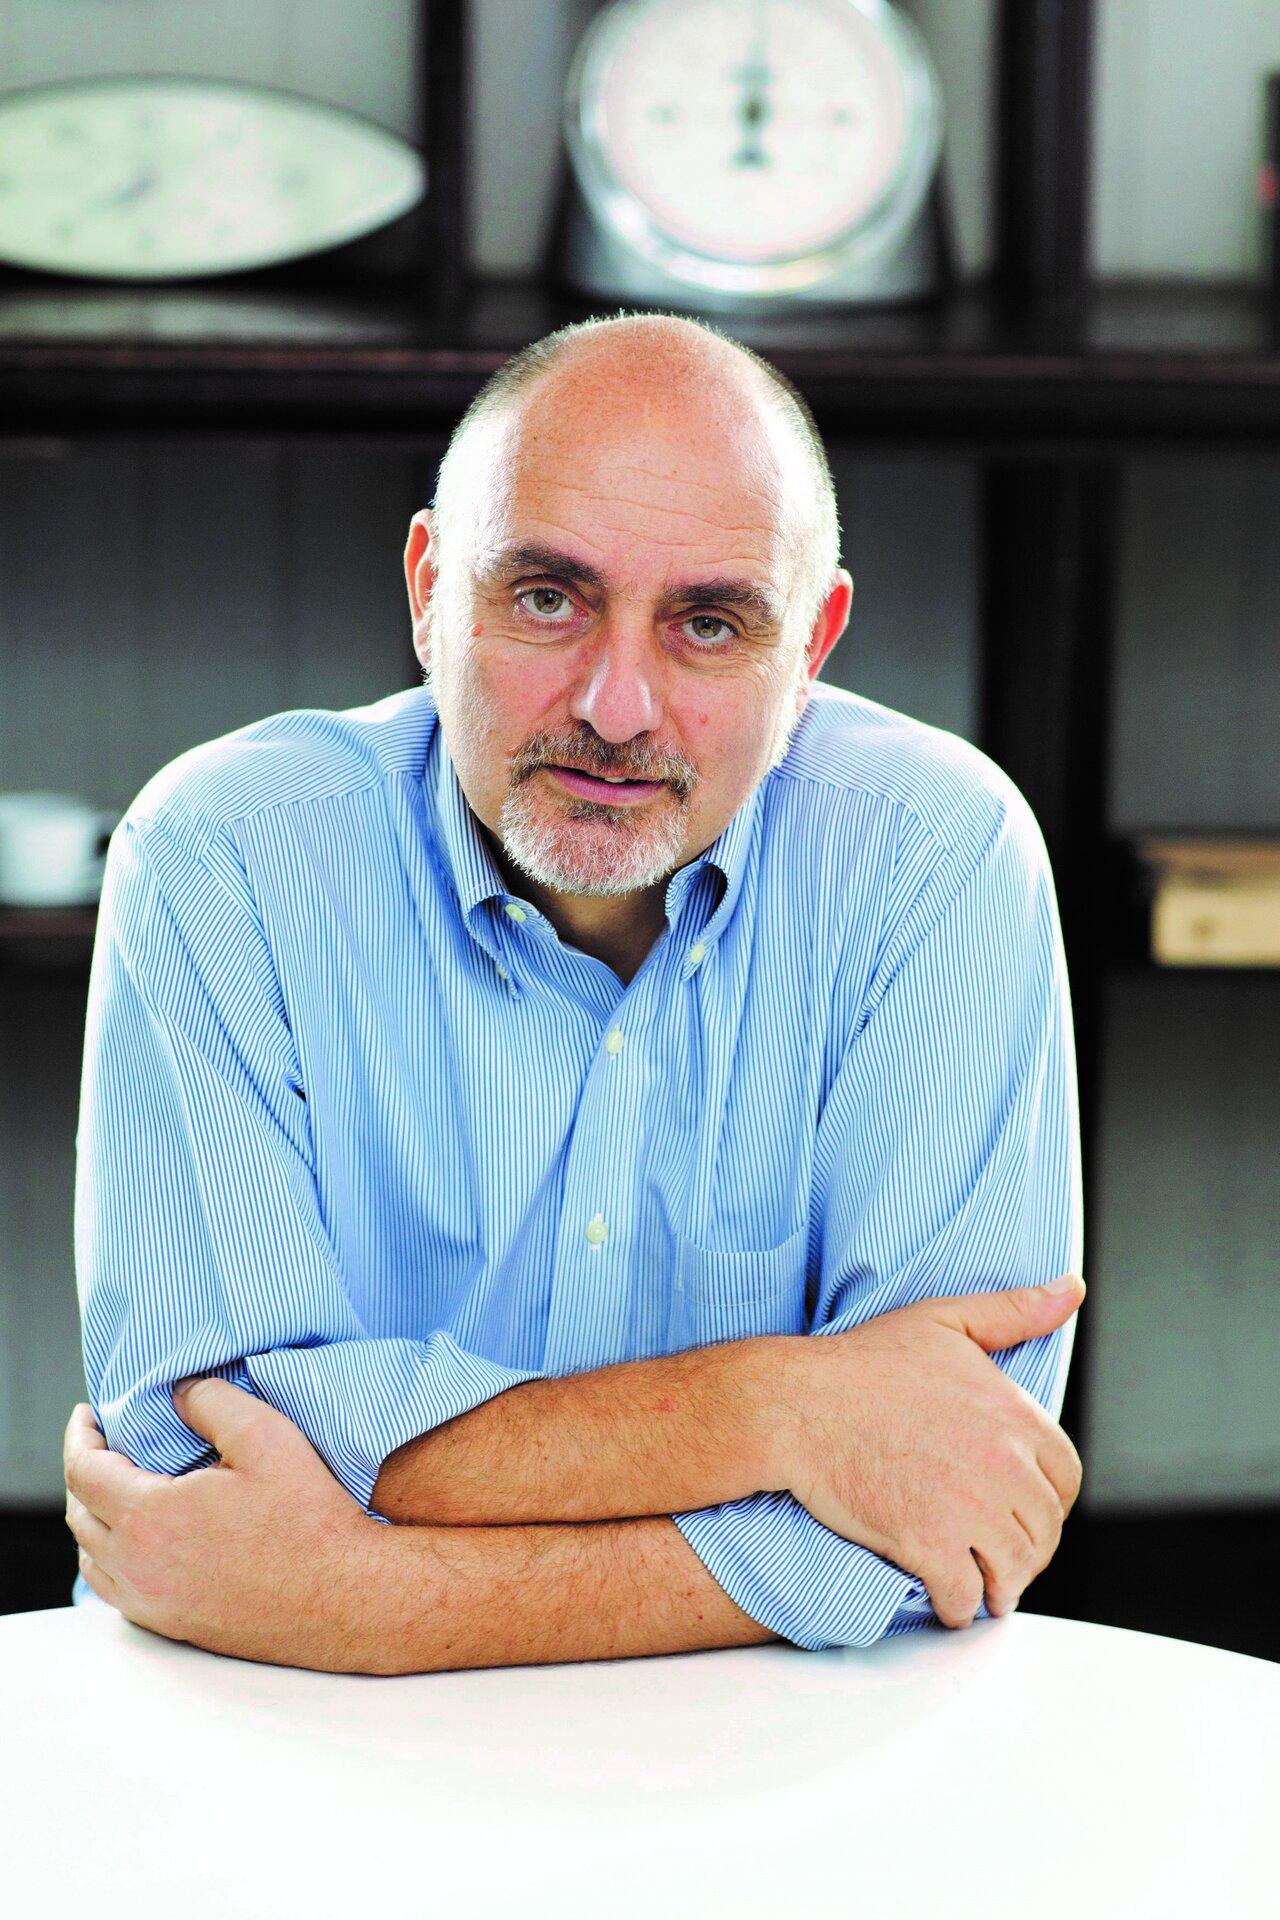 Soldo è un'azienda FinTech guidata da Carlo Gualandri, founder di Virgilio, Gioco Digitale e FinecoBank